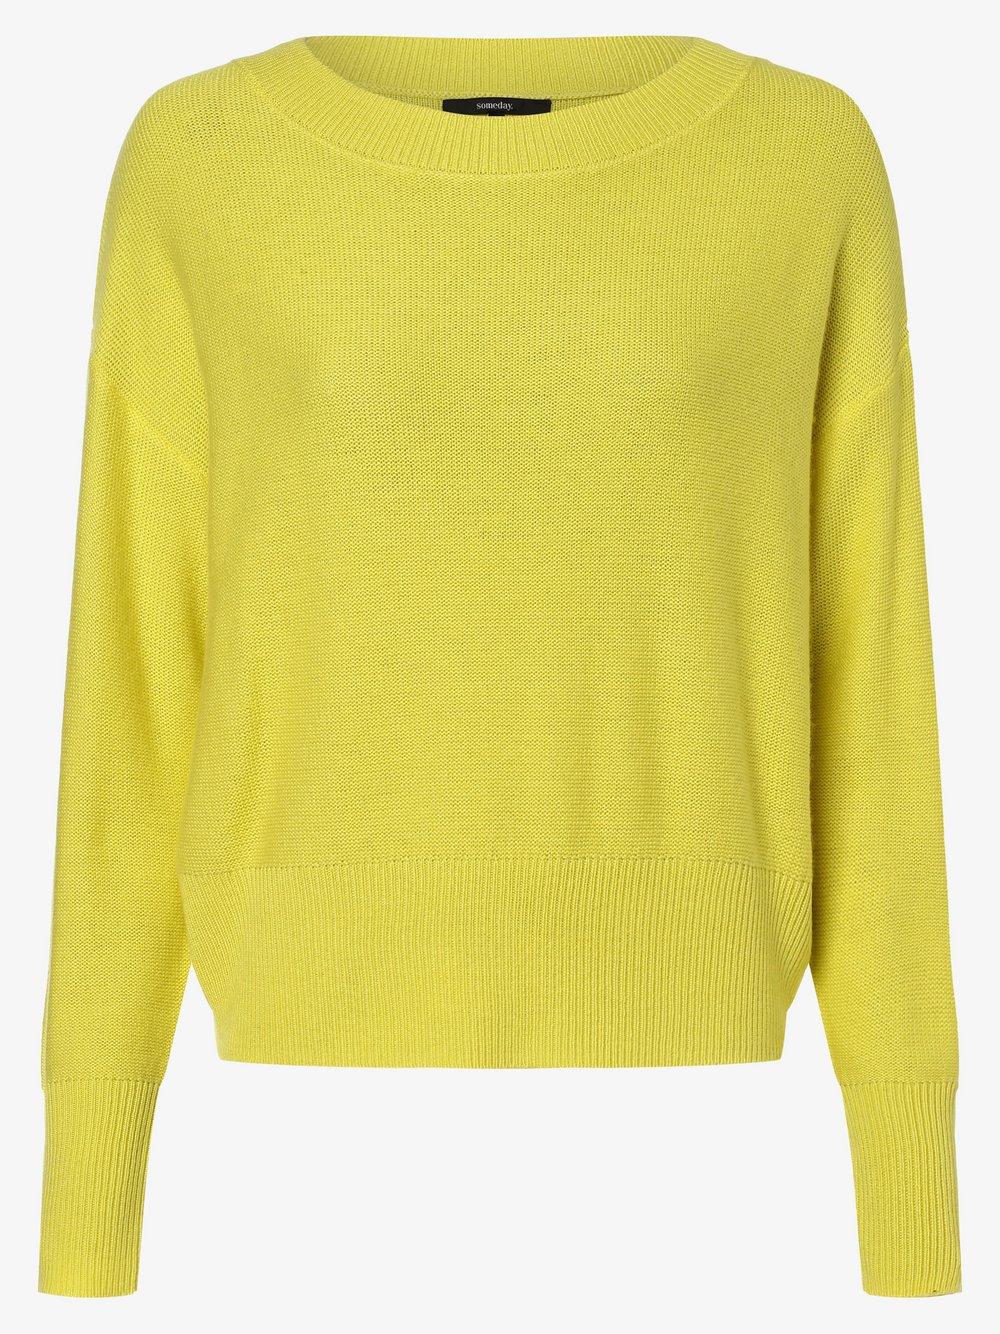 Someday - Sweter damski z dodatkiem kaszmiru – Thalita, żółty